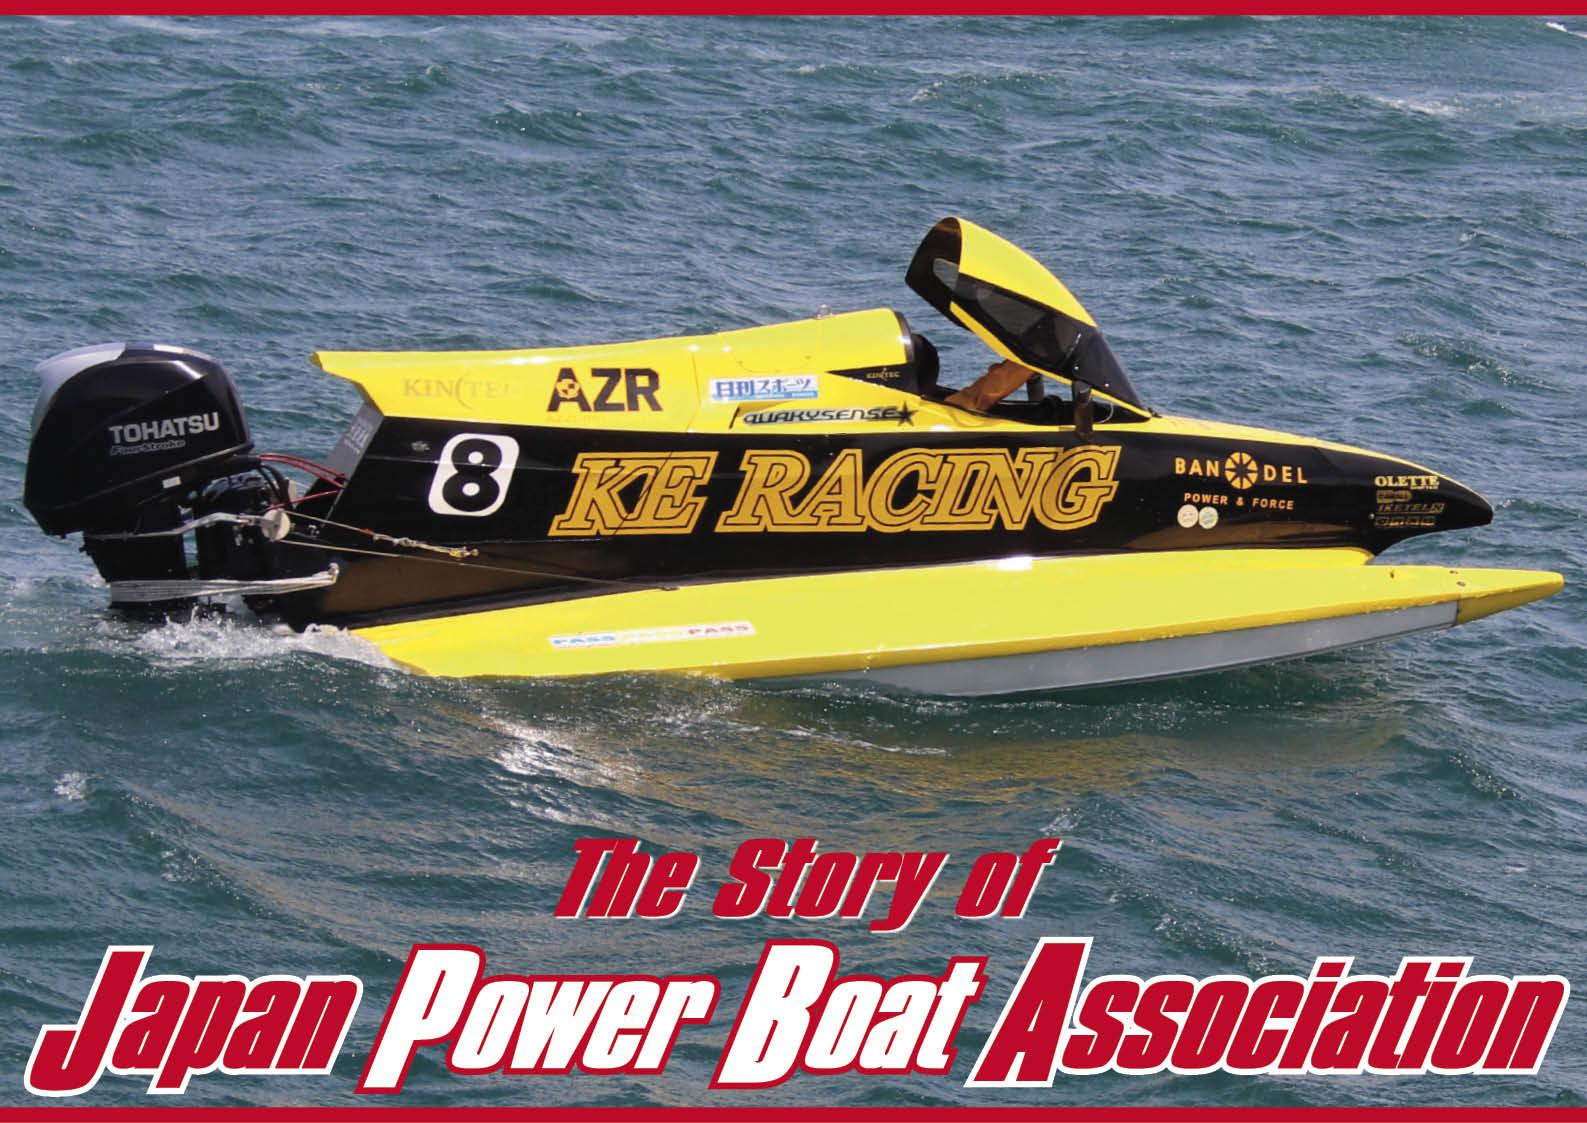 日本パワーボート協会物語 Ver.2 日本のパワーボートの中枢・小嶋松久会長に聞く「パワーボートの現在」  ジェットスキー(水上バイク)